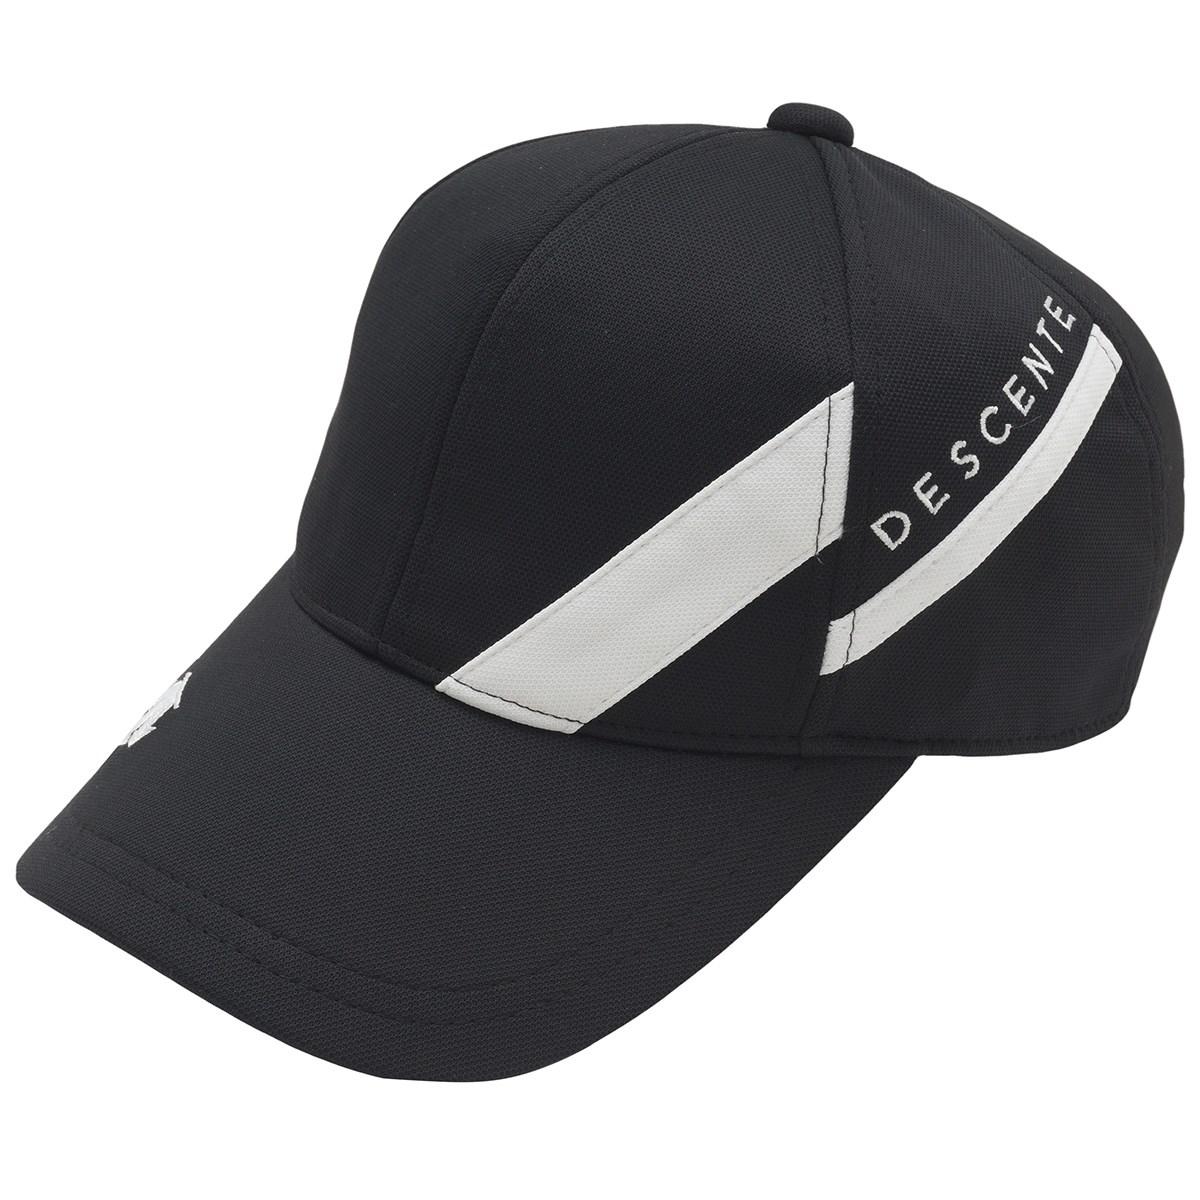 デサントゴルフ DESCENTE GOLF キャップ フリー ブラック 00 レディス